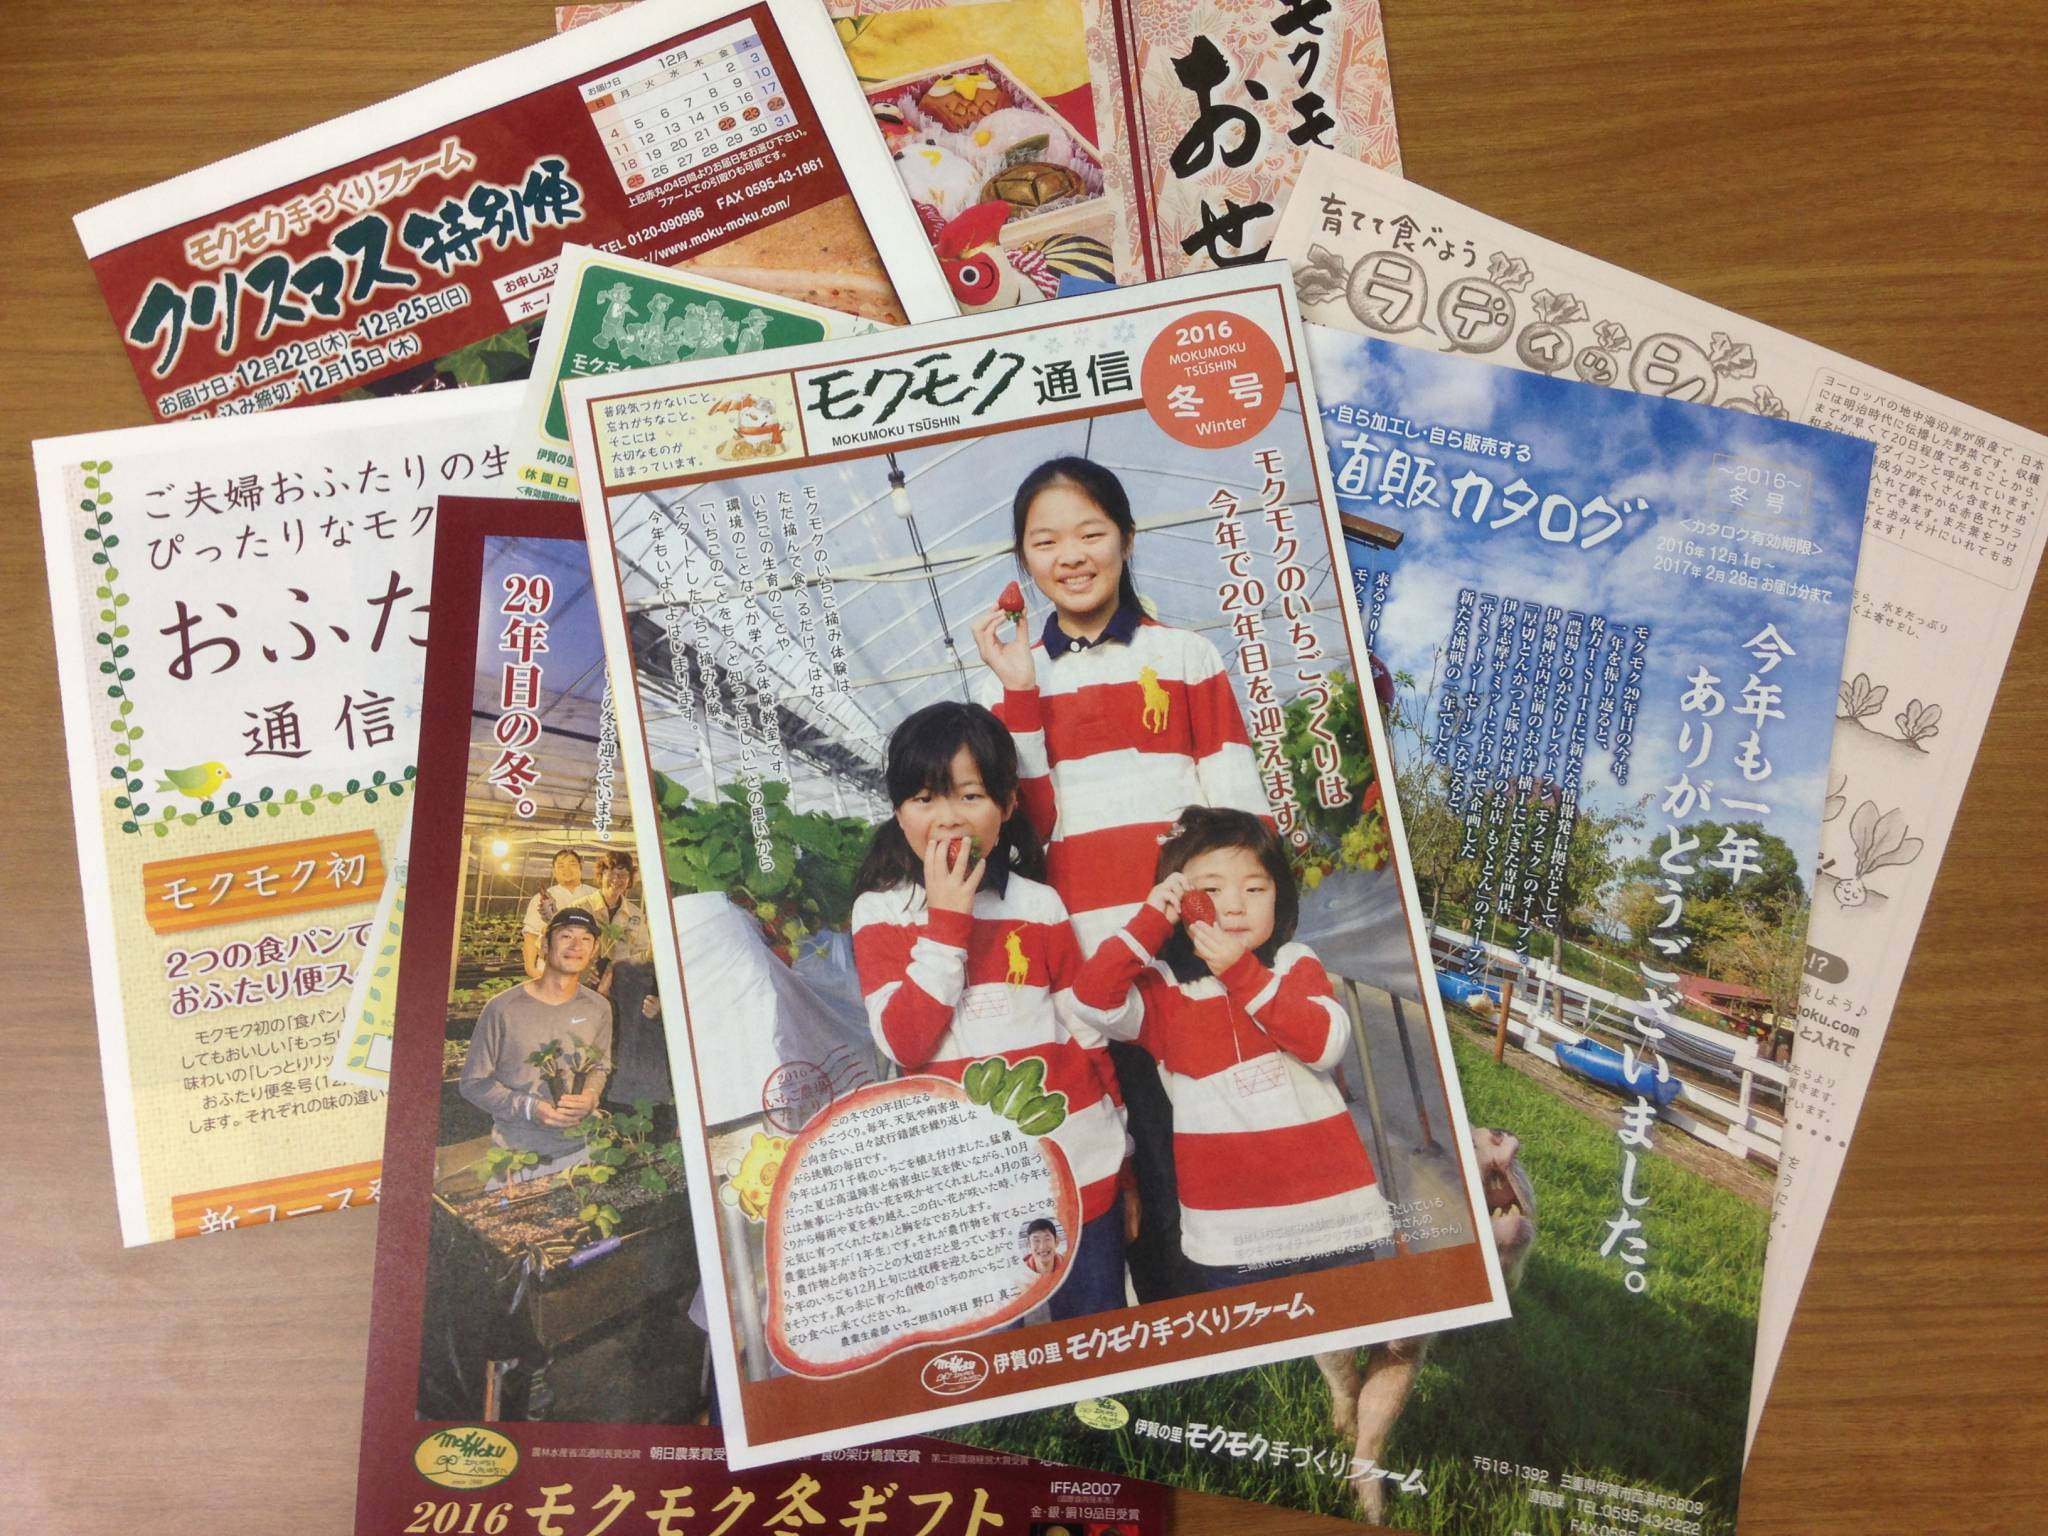 photo-11-10-16-14-22-52